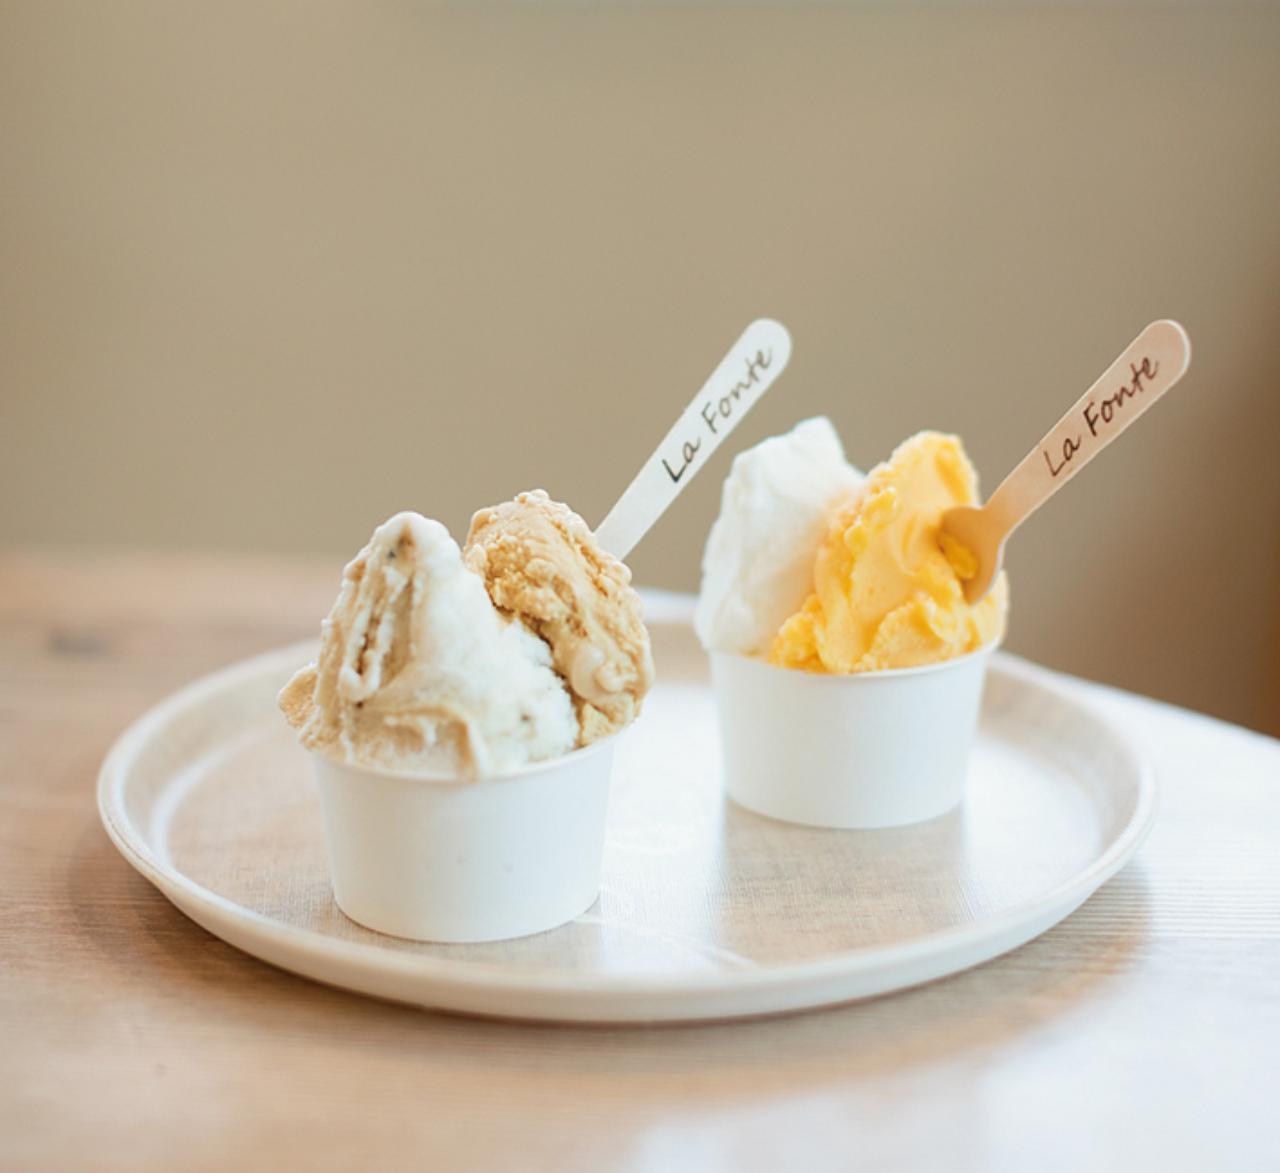 奄美の塩や黒糖焼酎など島ならではの島アイスを食べたい! [FRaU]